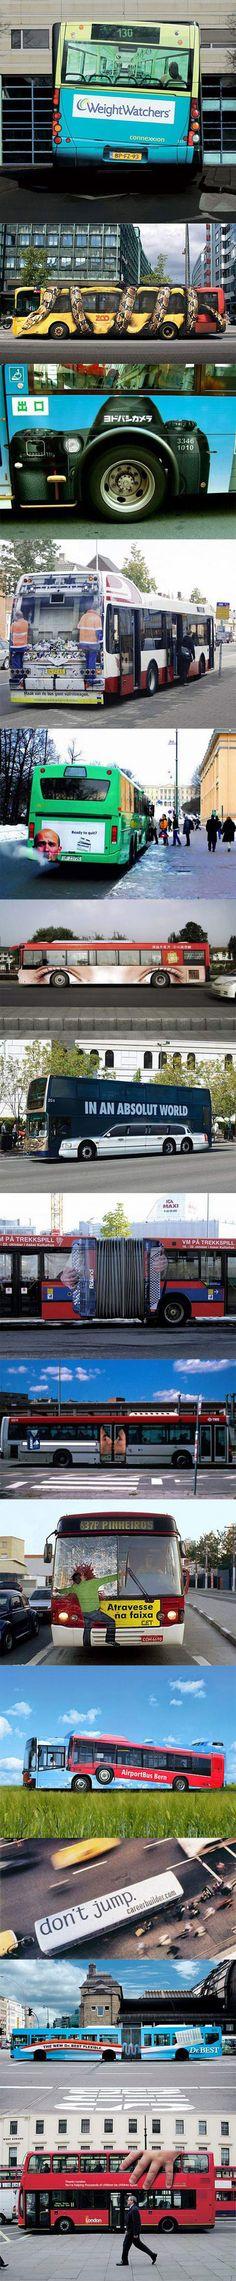 Ingeniosos anuncios en autobuses